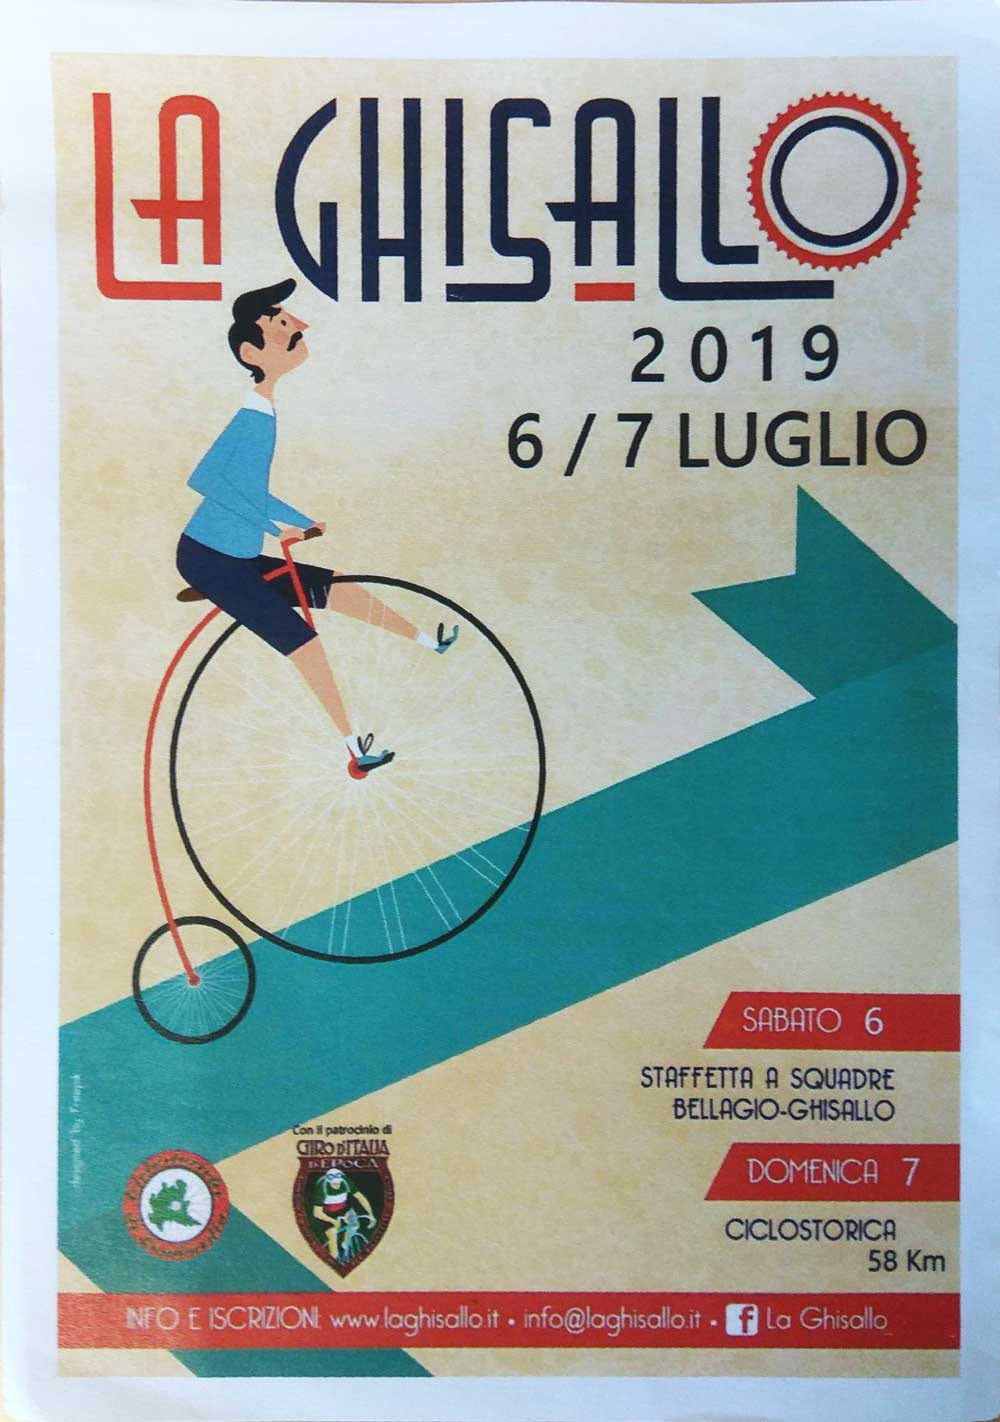 Ghisallo 6-7 luglio 2019